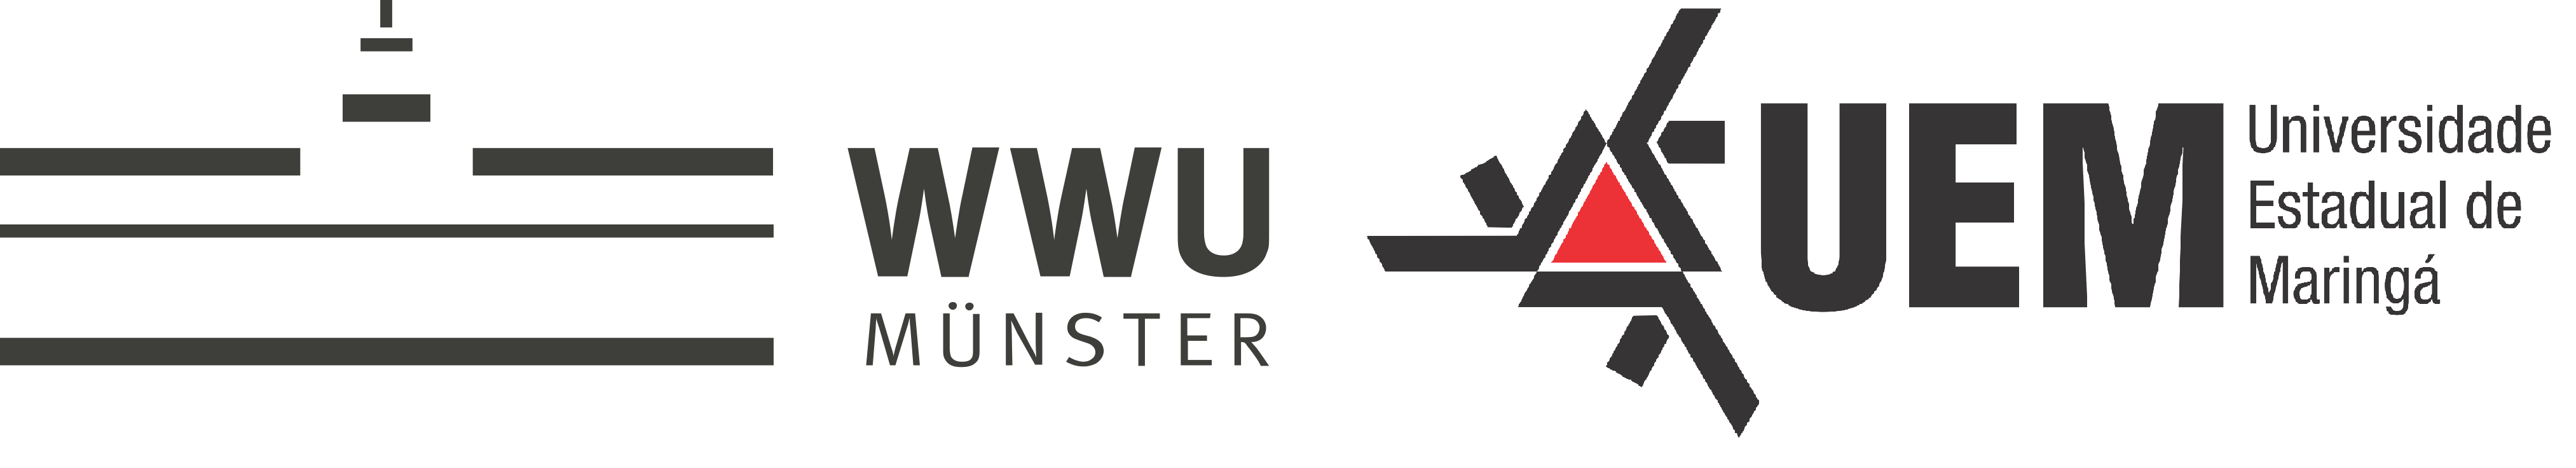 logo wwu uem